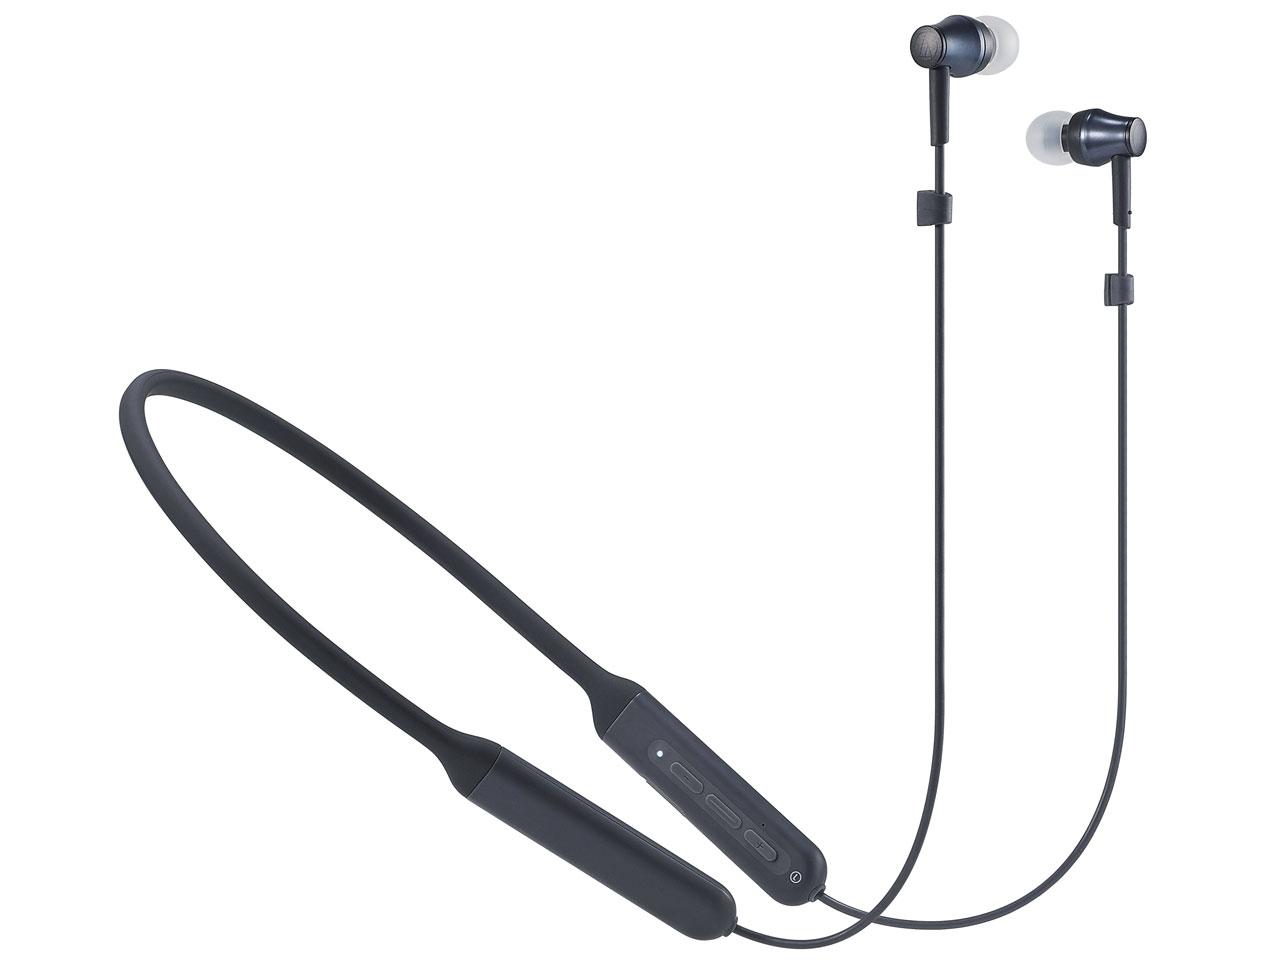 Sound Reality ATH-CKR500BT BK [ブラック] の製品画像